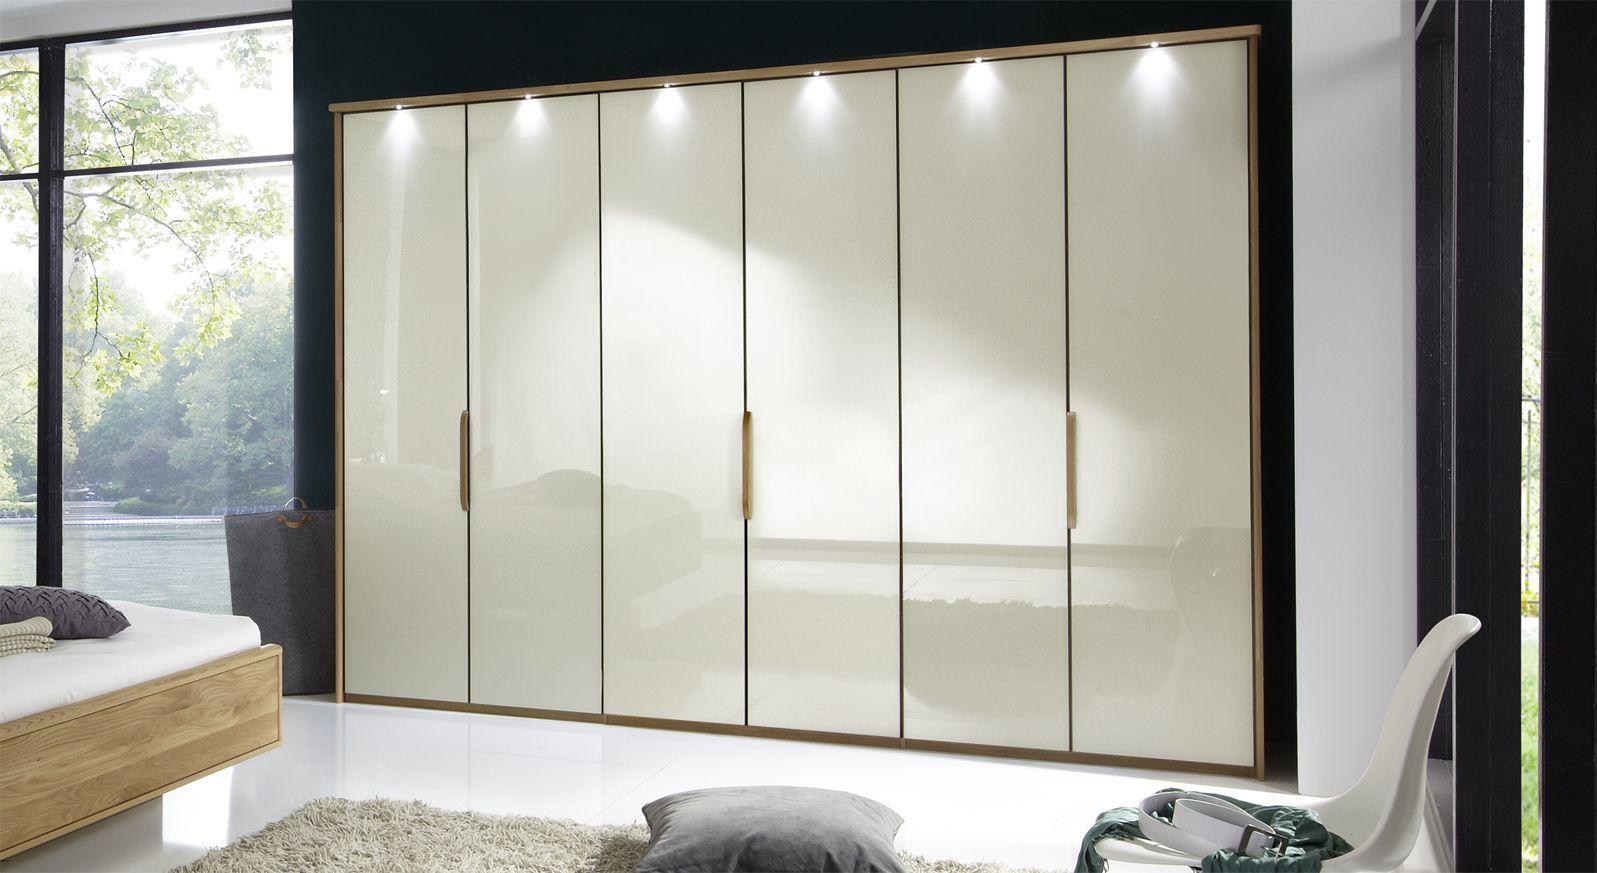 Falttüren-Kleiderschrank Morley in Magnolie mit Passepartout-Rahmen mit Beleuchtung